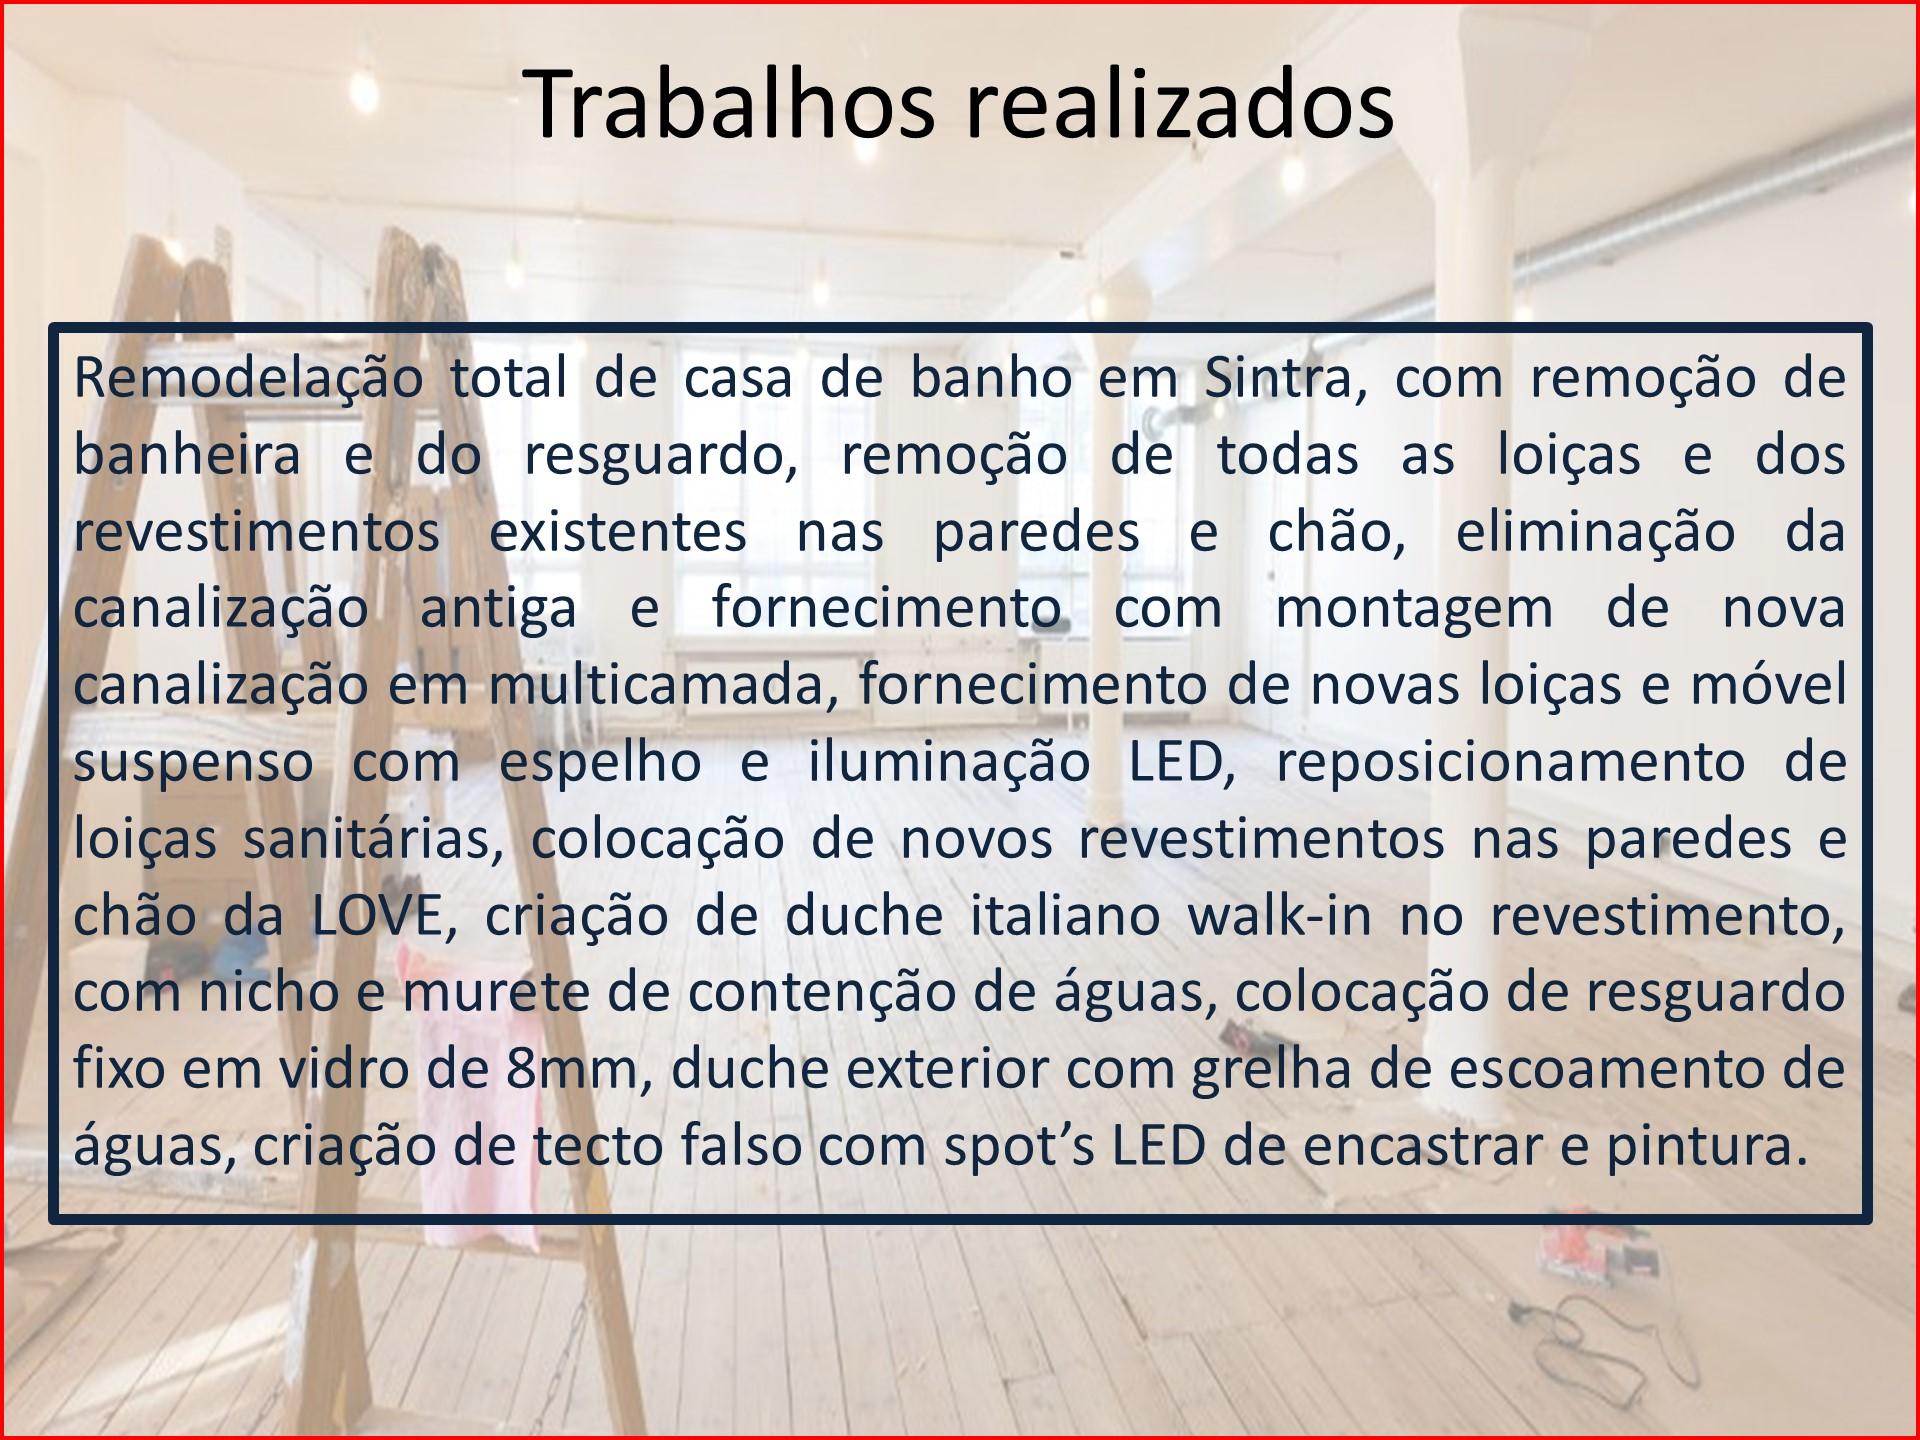 Remodelação de casa banho Sintra - descrição 2